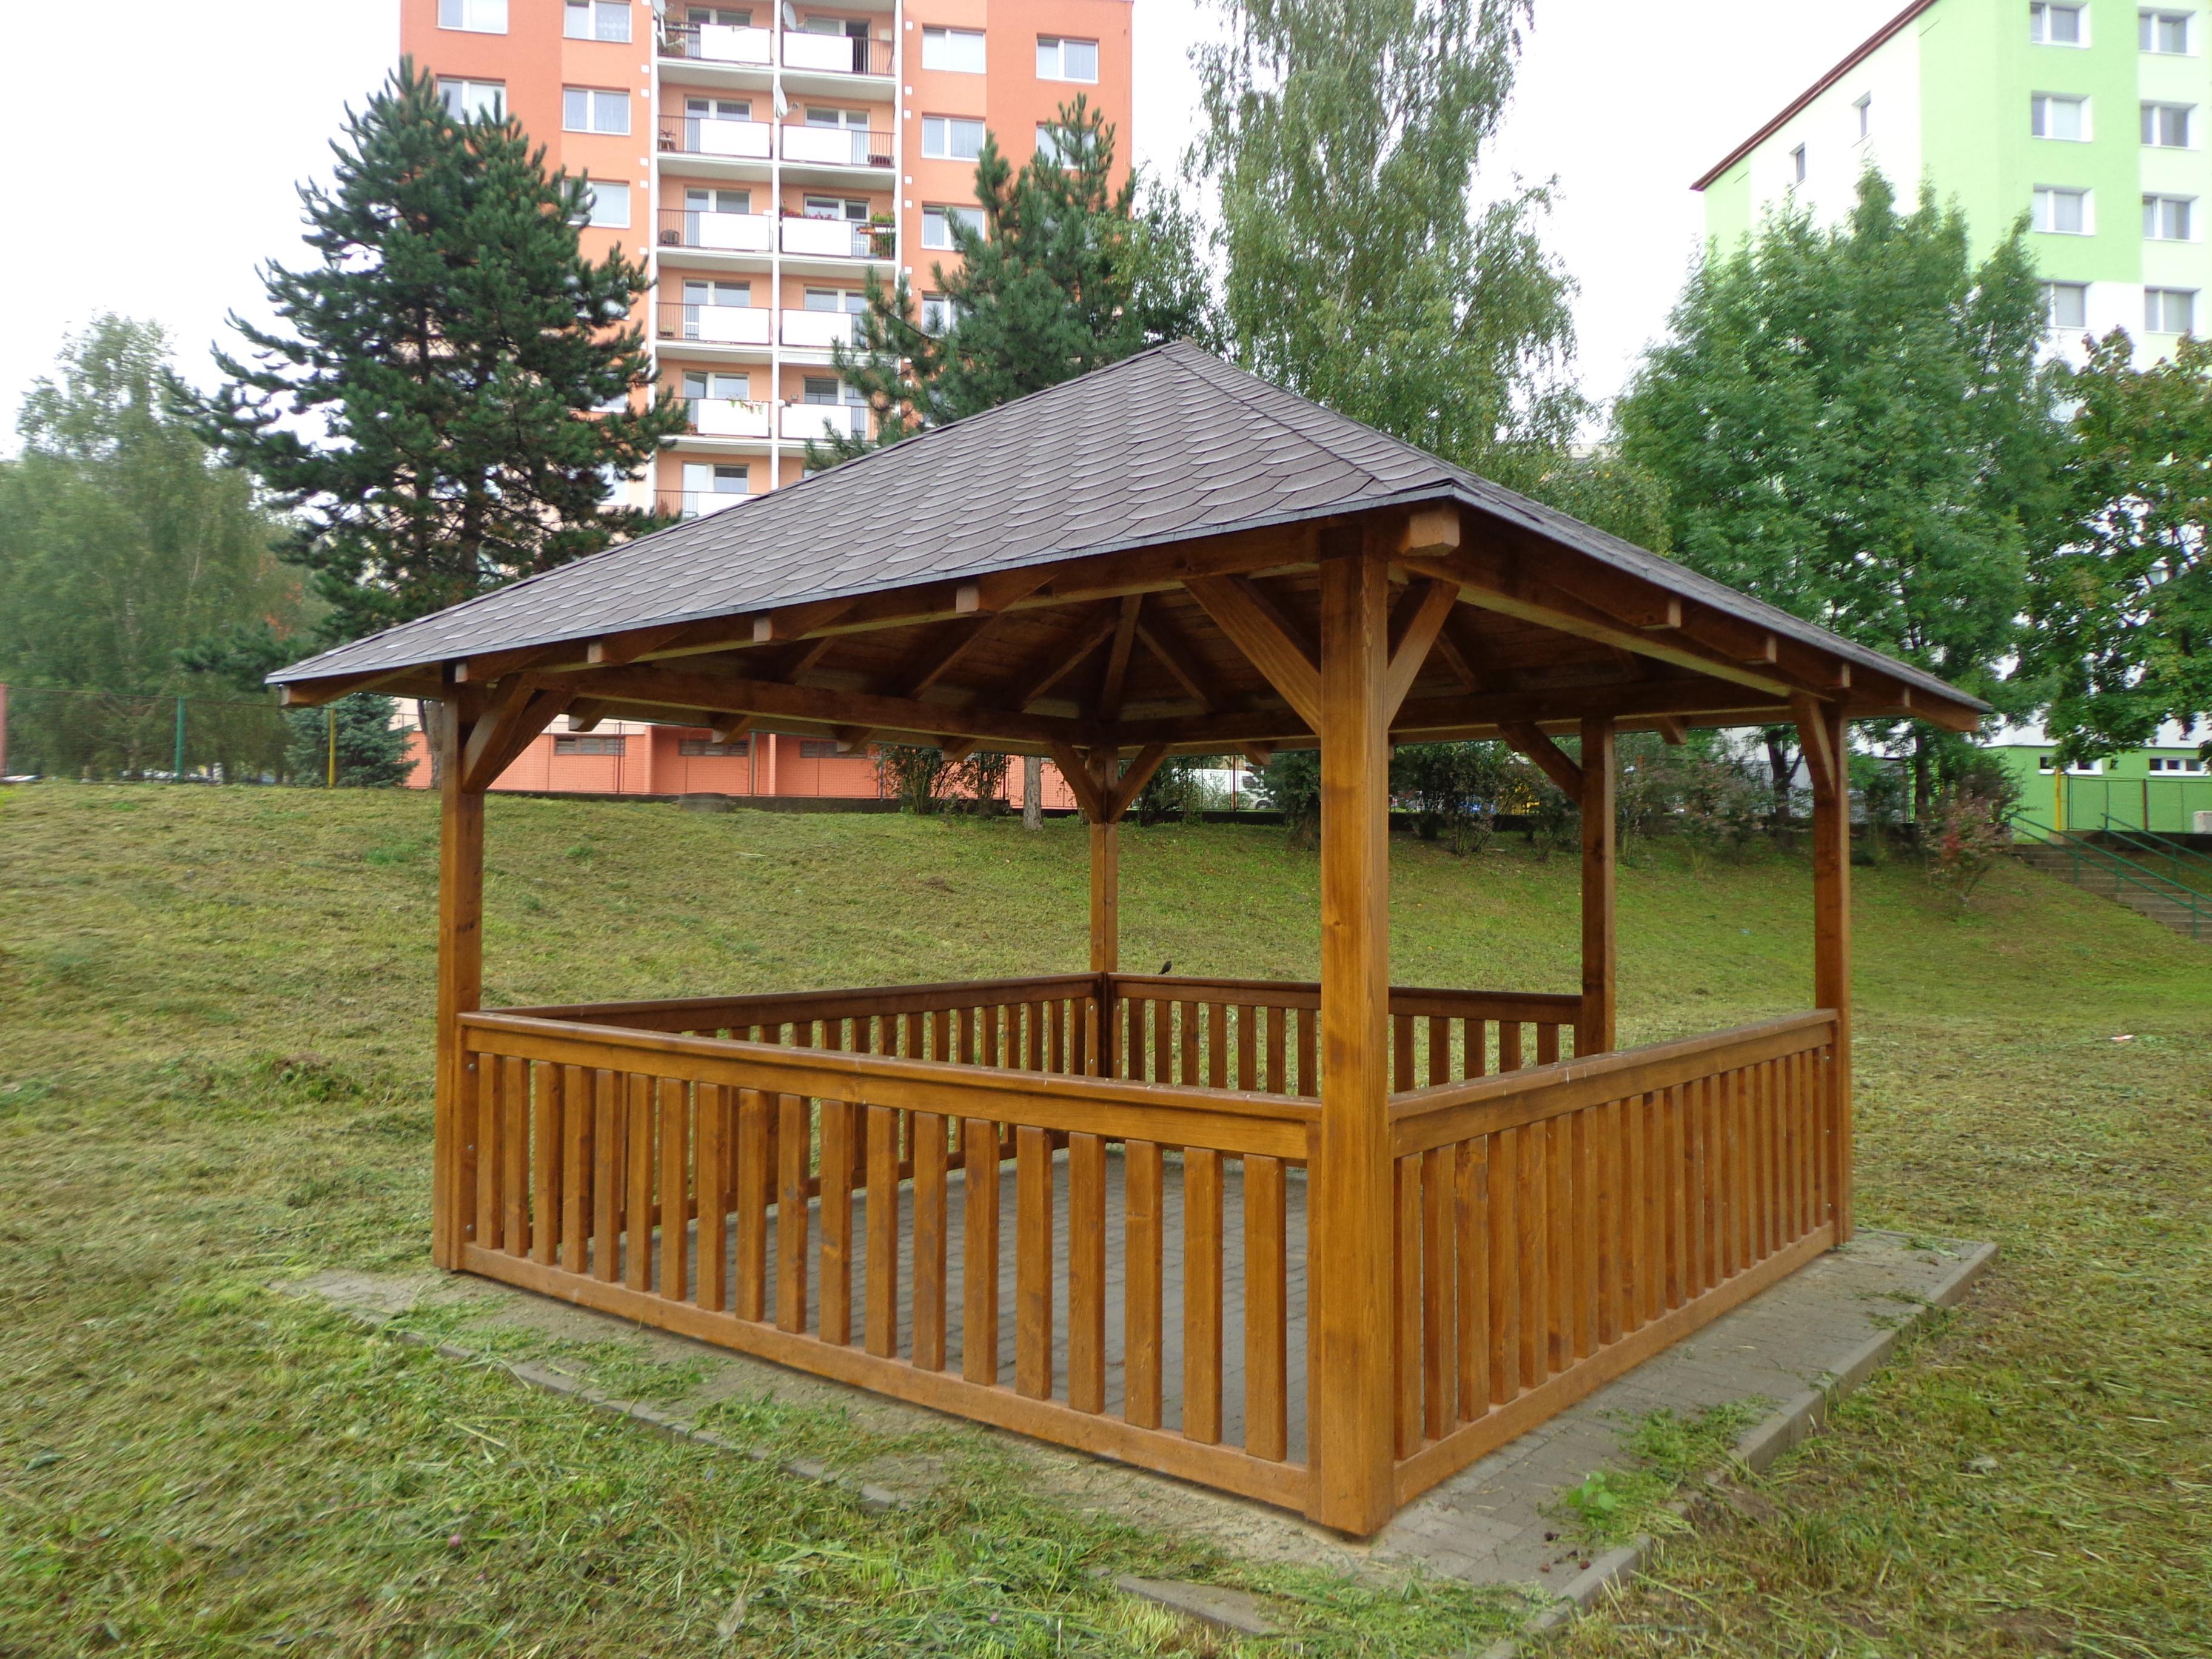 Altánok, MŠ Kyjevská, Rožňava